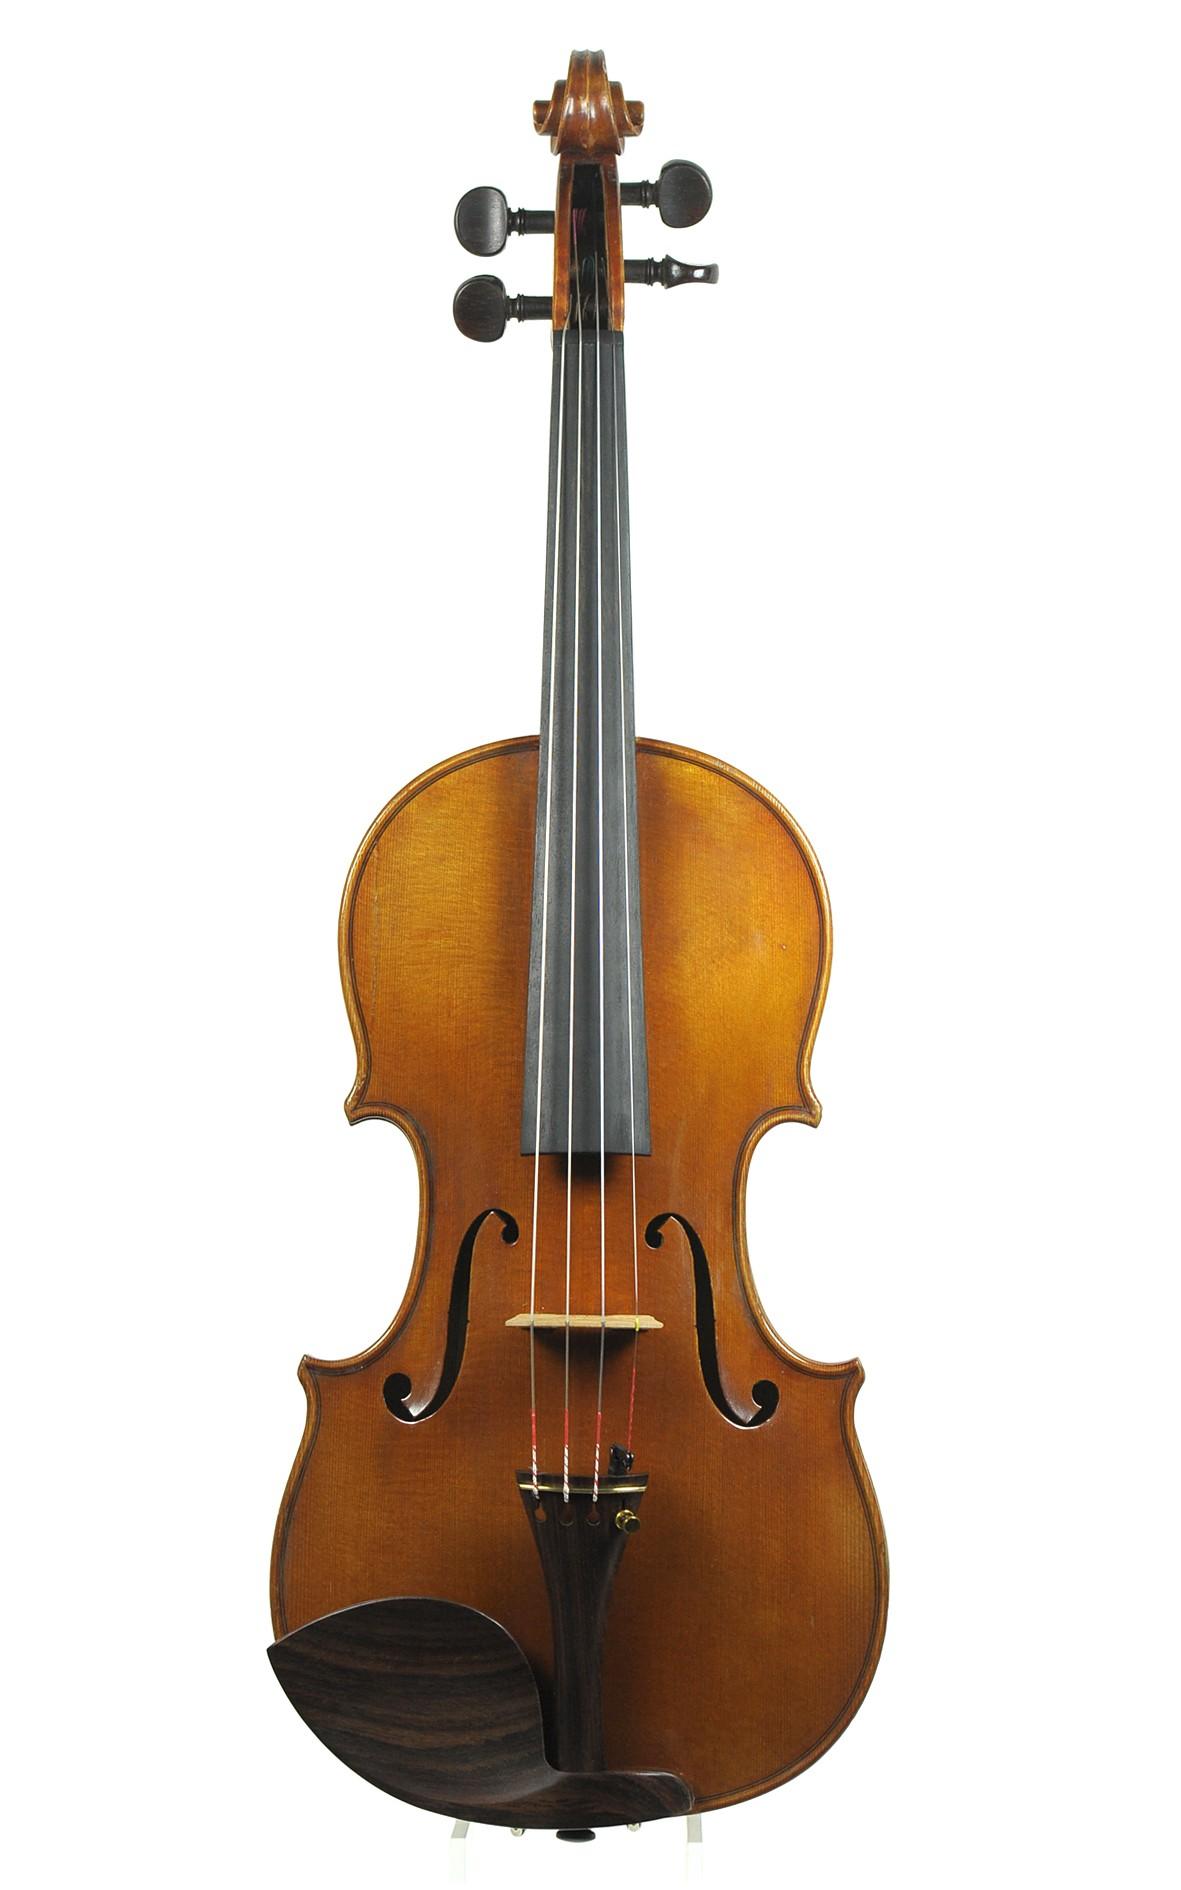 French violin No. 388 by Amédée Dieudonné, 1948 - top